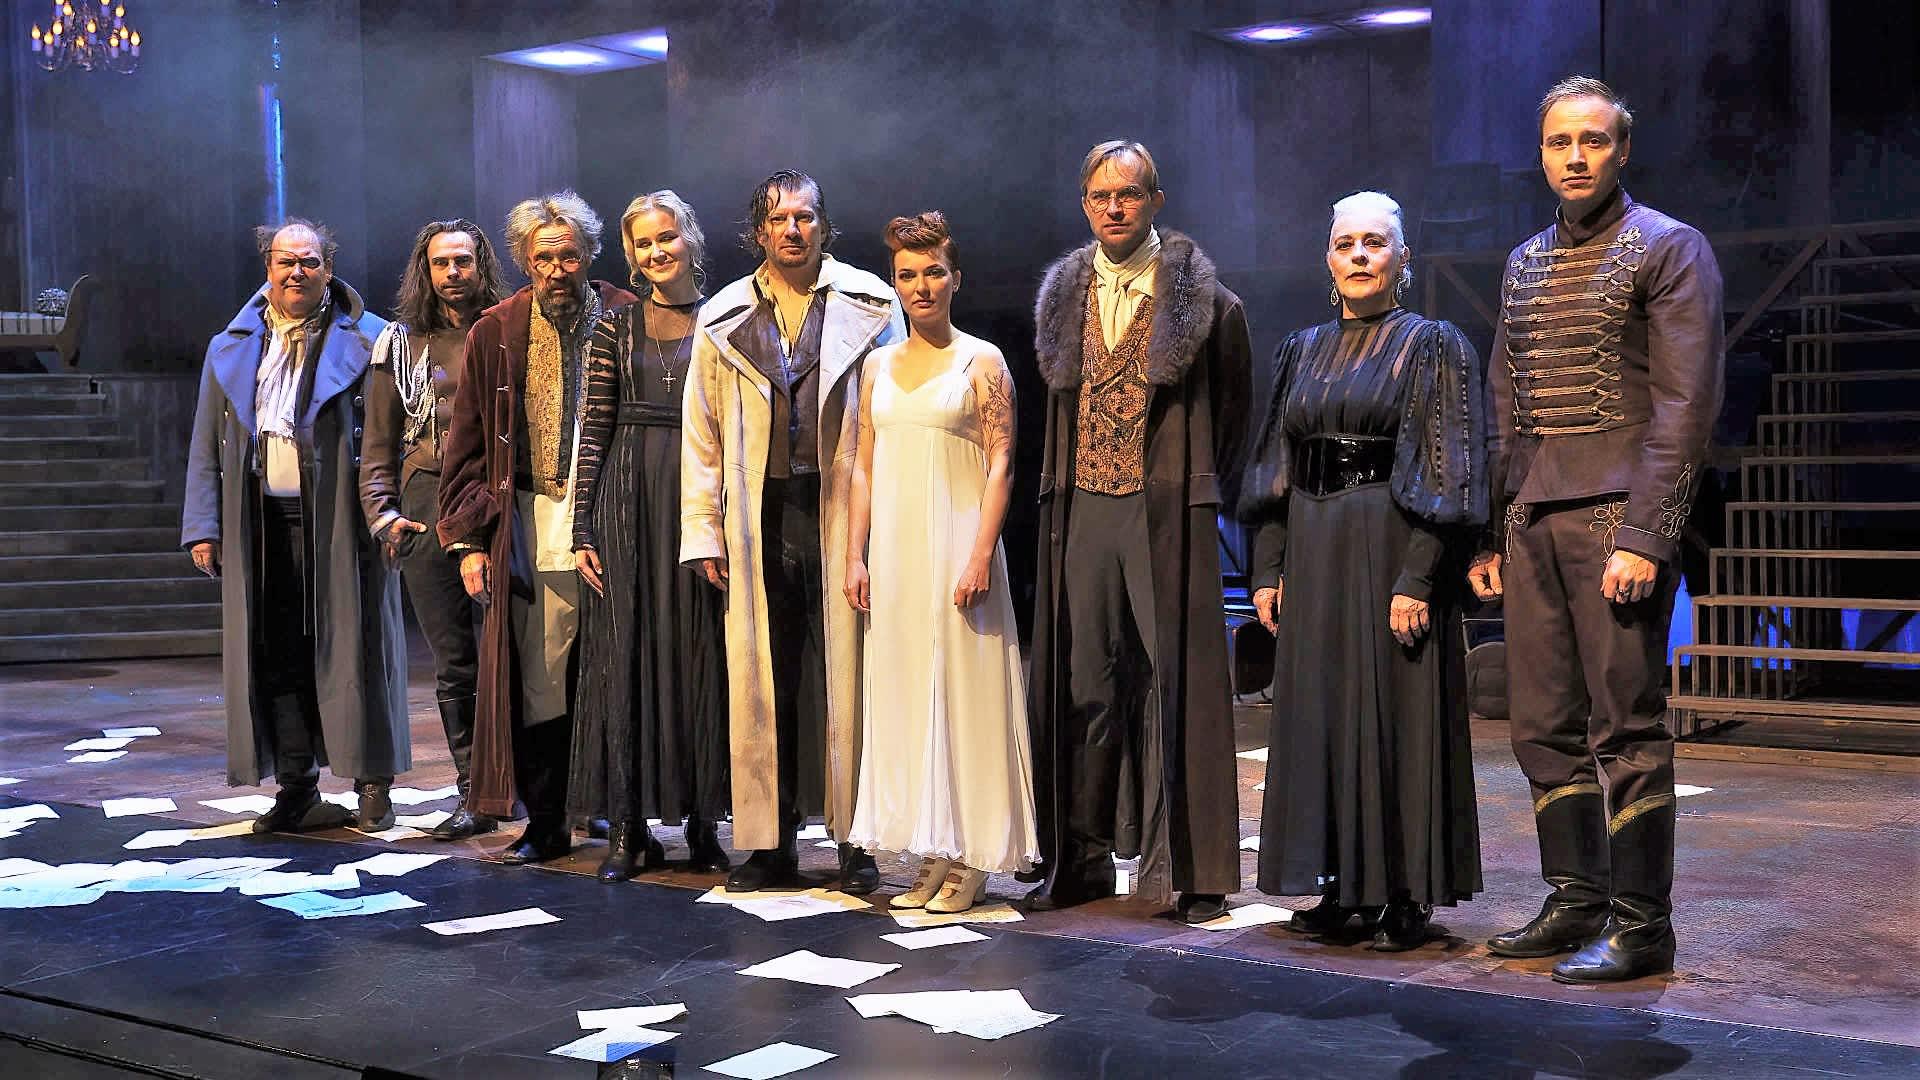 Lahden kaupunginteatterin Sota ja rauha -näytelmän esiintyjät rivissä näyttämön lavalla.